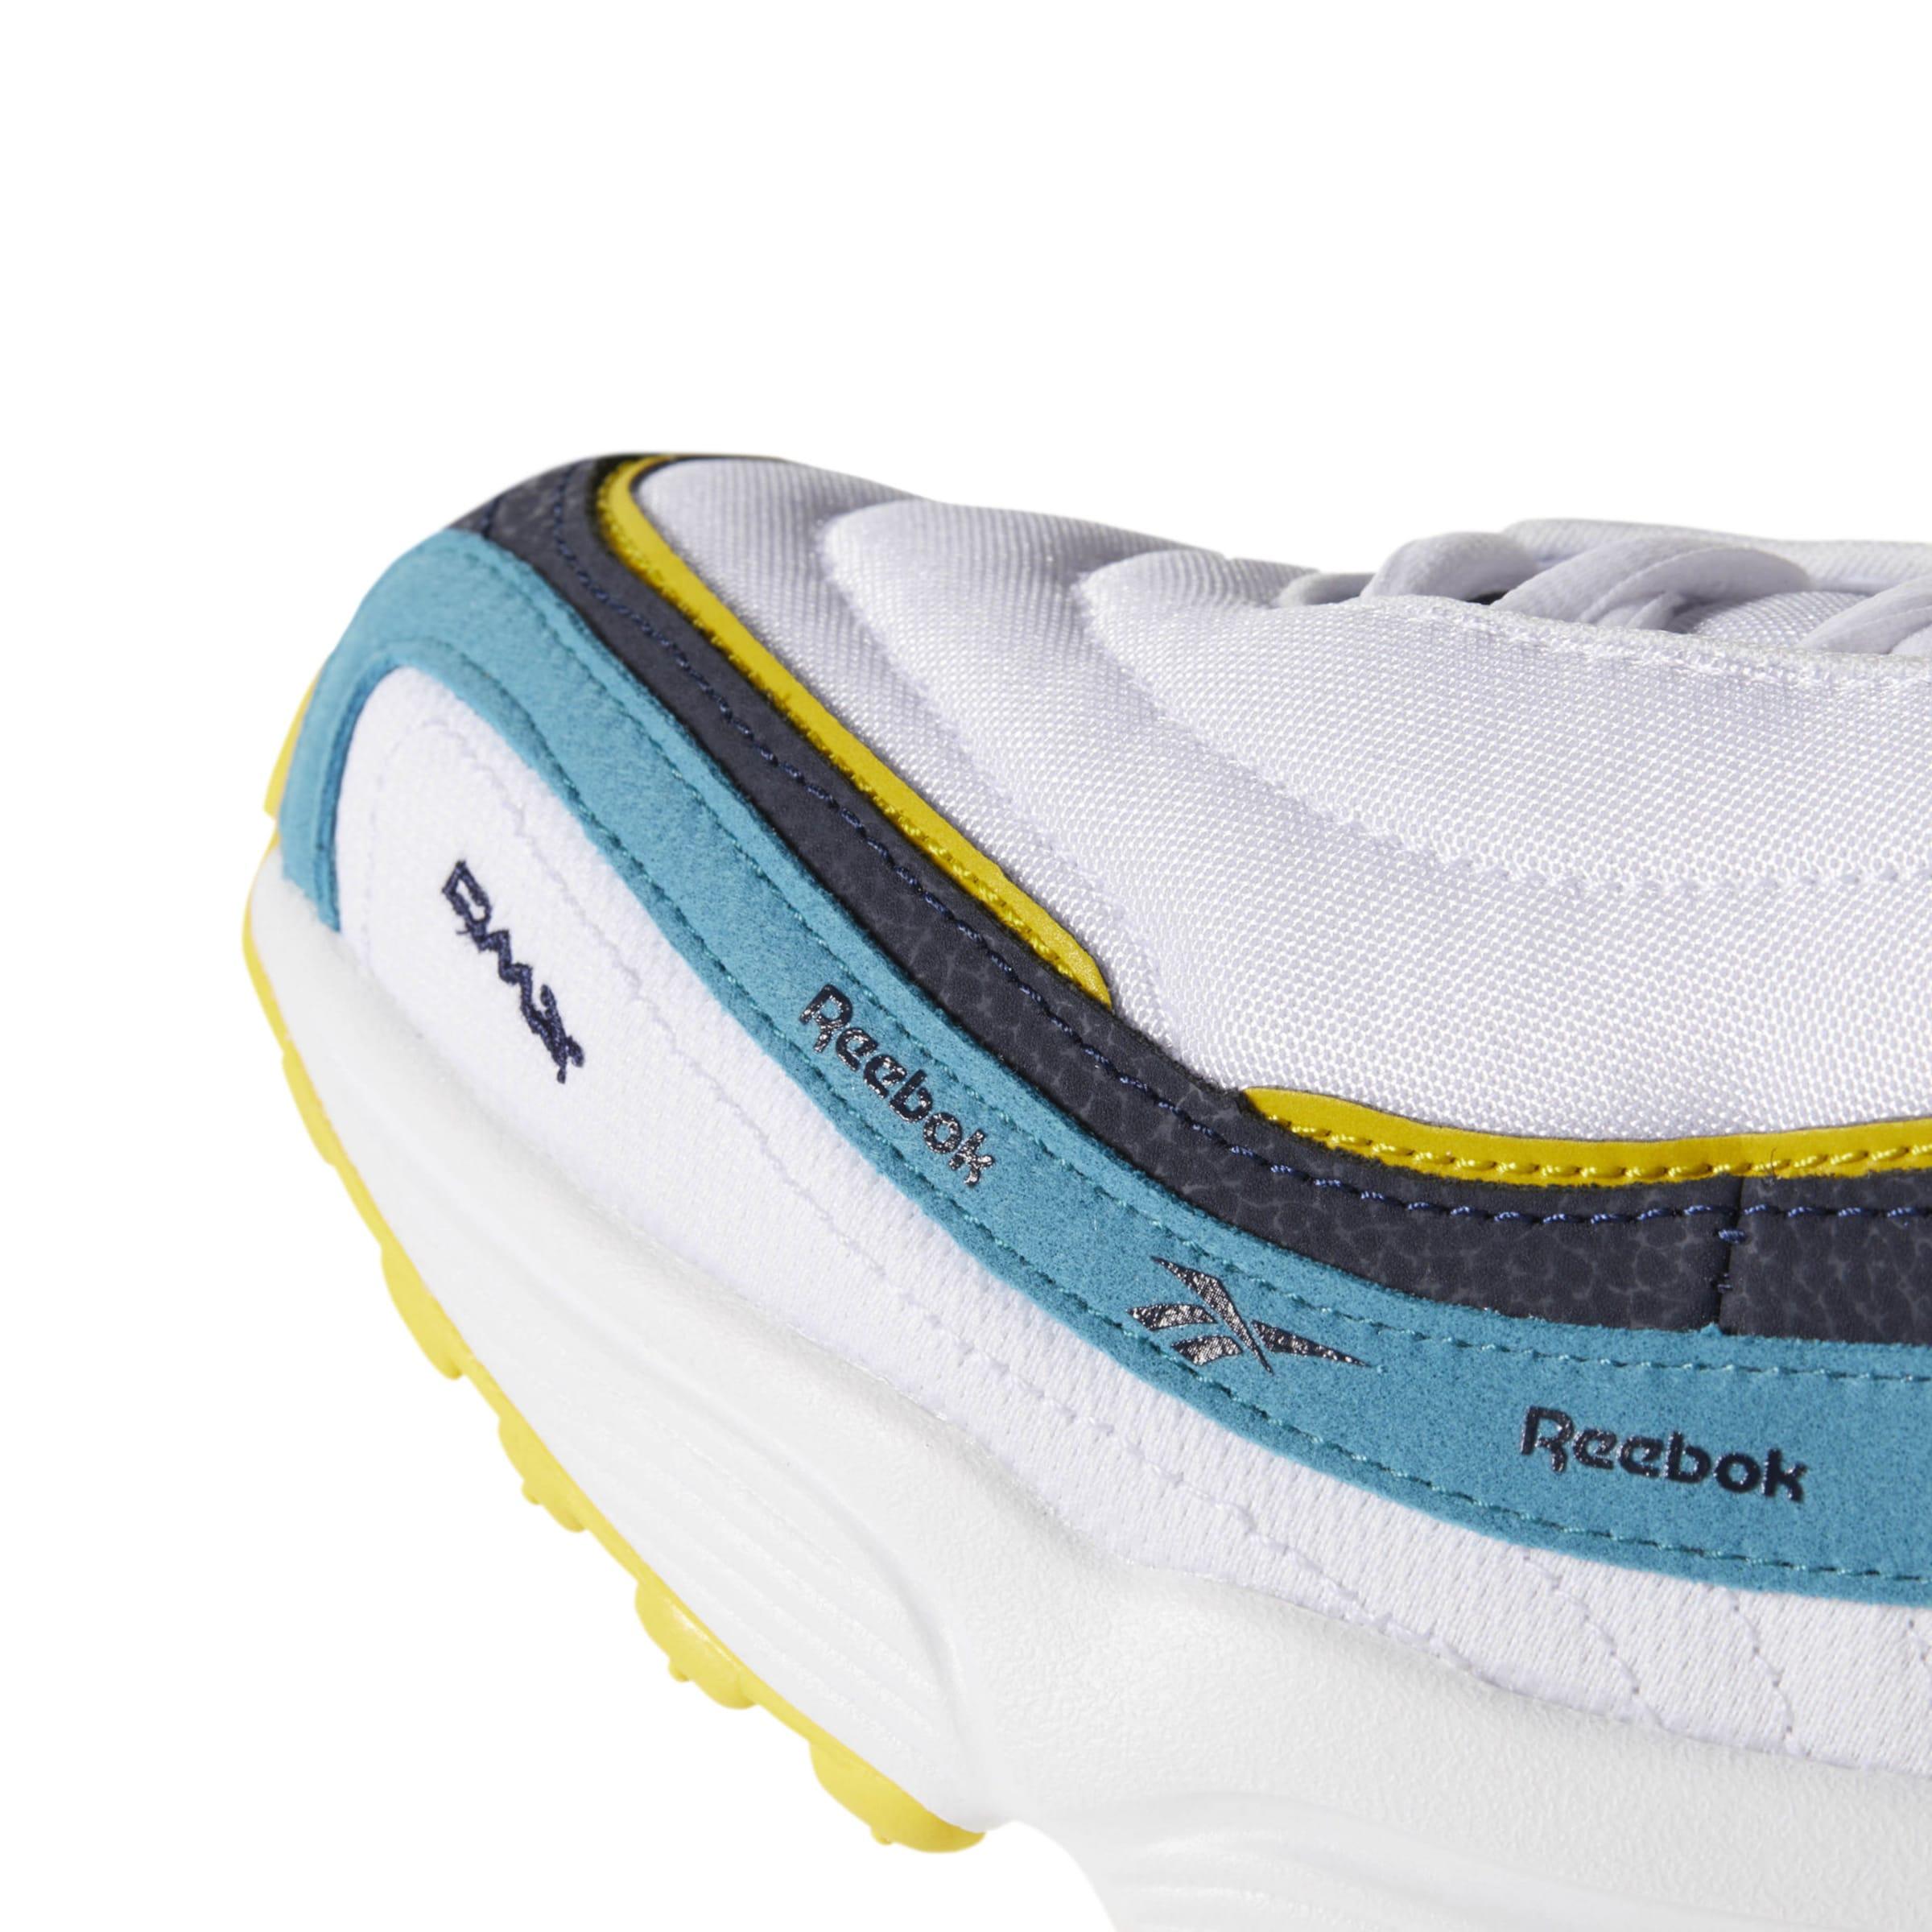 Reebok classic Turnschuhe 'Daytona DMX Vector Textil, Synthetik Synthetik Synthetik Verkaufen Sie saisonale Aktionen 7b933e